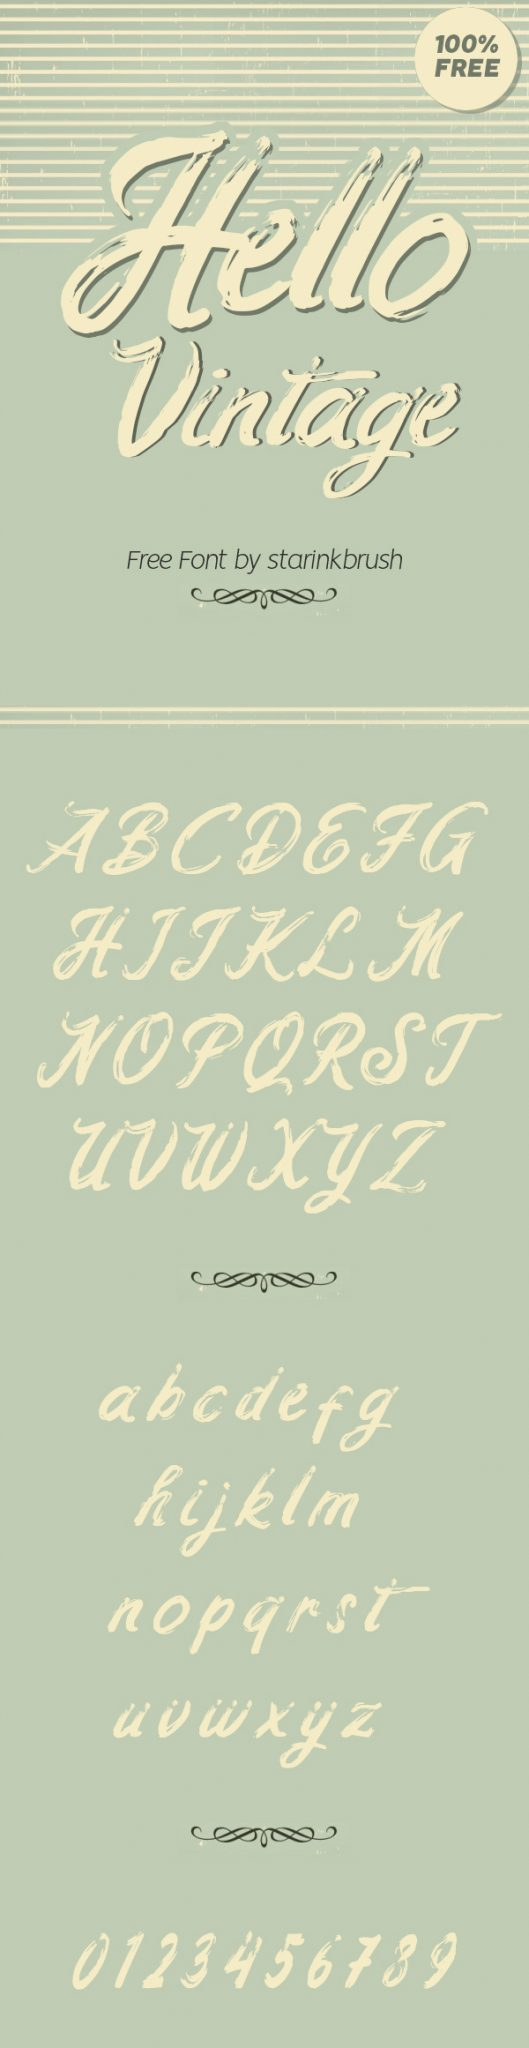 Descargar Hello Vintage Vintage Font gratis